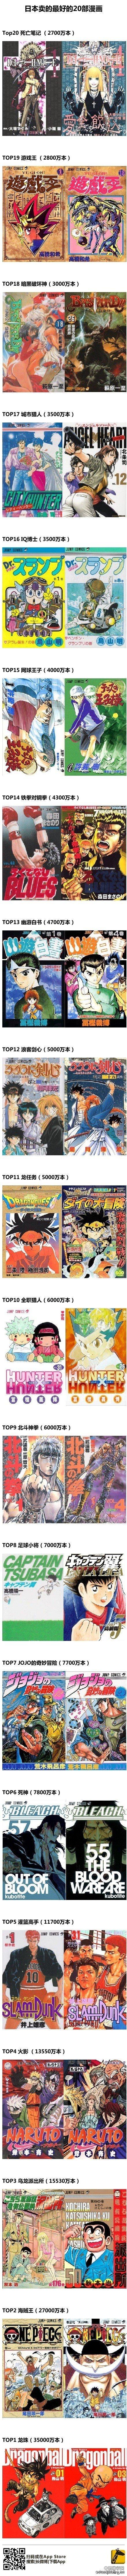 日本迄今为止销量最高的漫画排行榜Top20